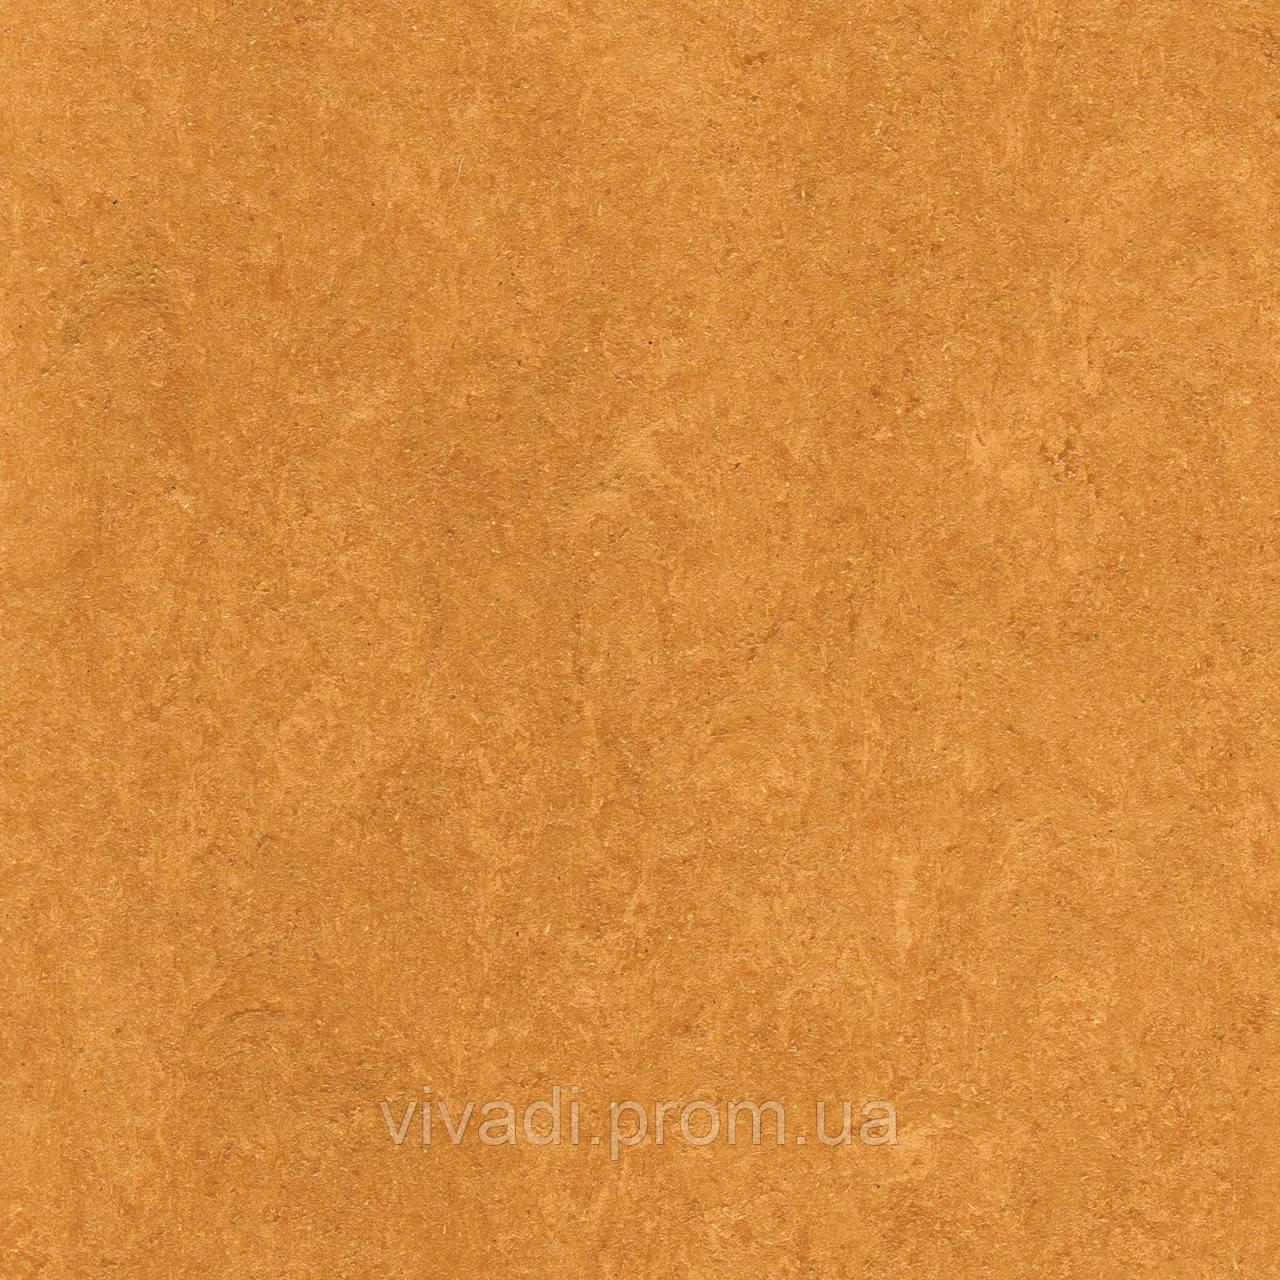 Натуральний лінолеум Marmorette PUR - колір 125-174